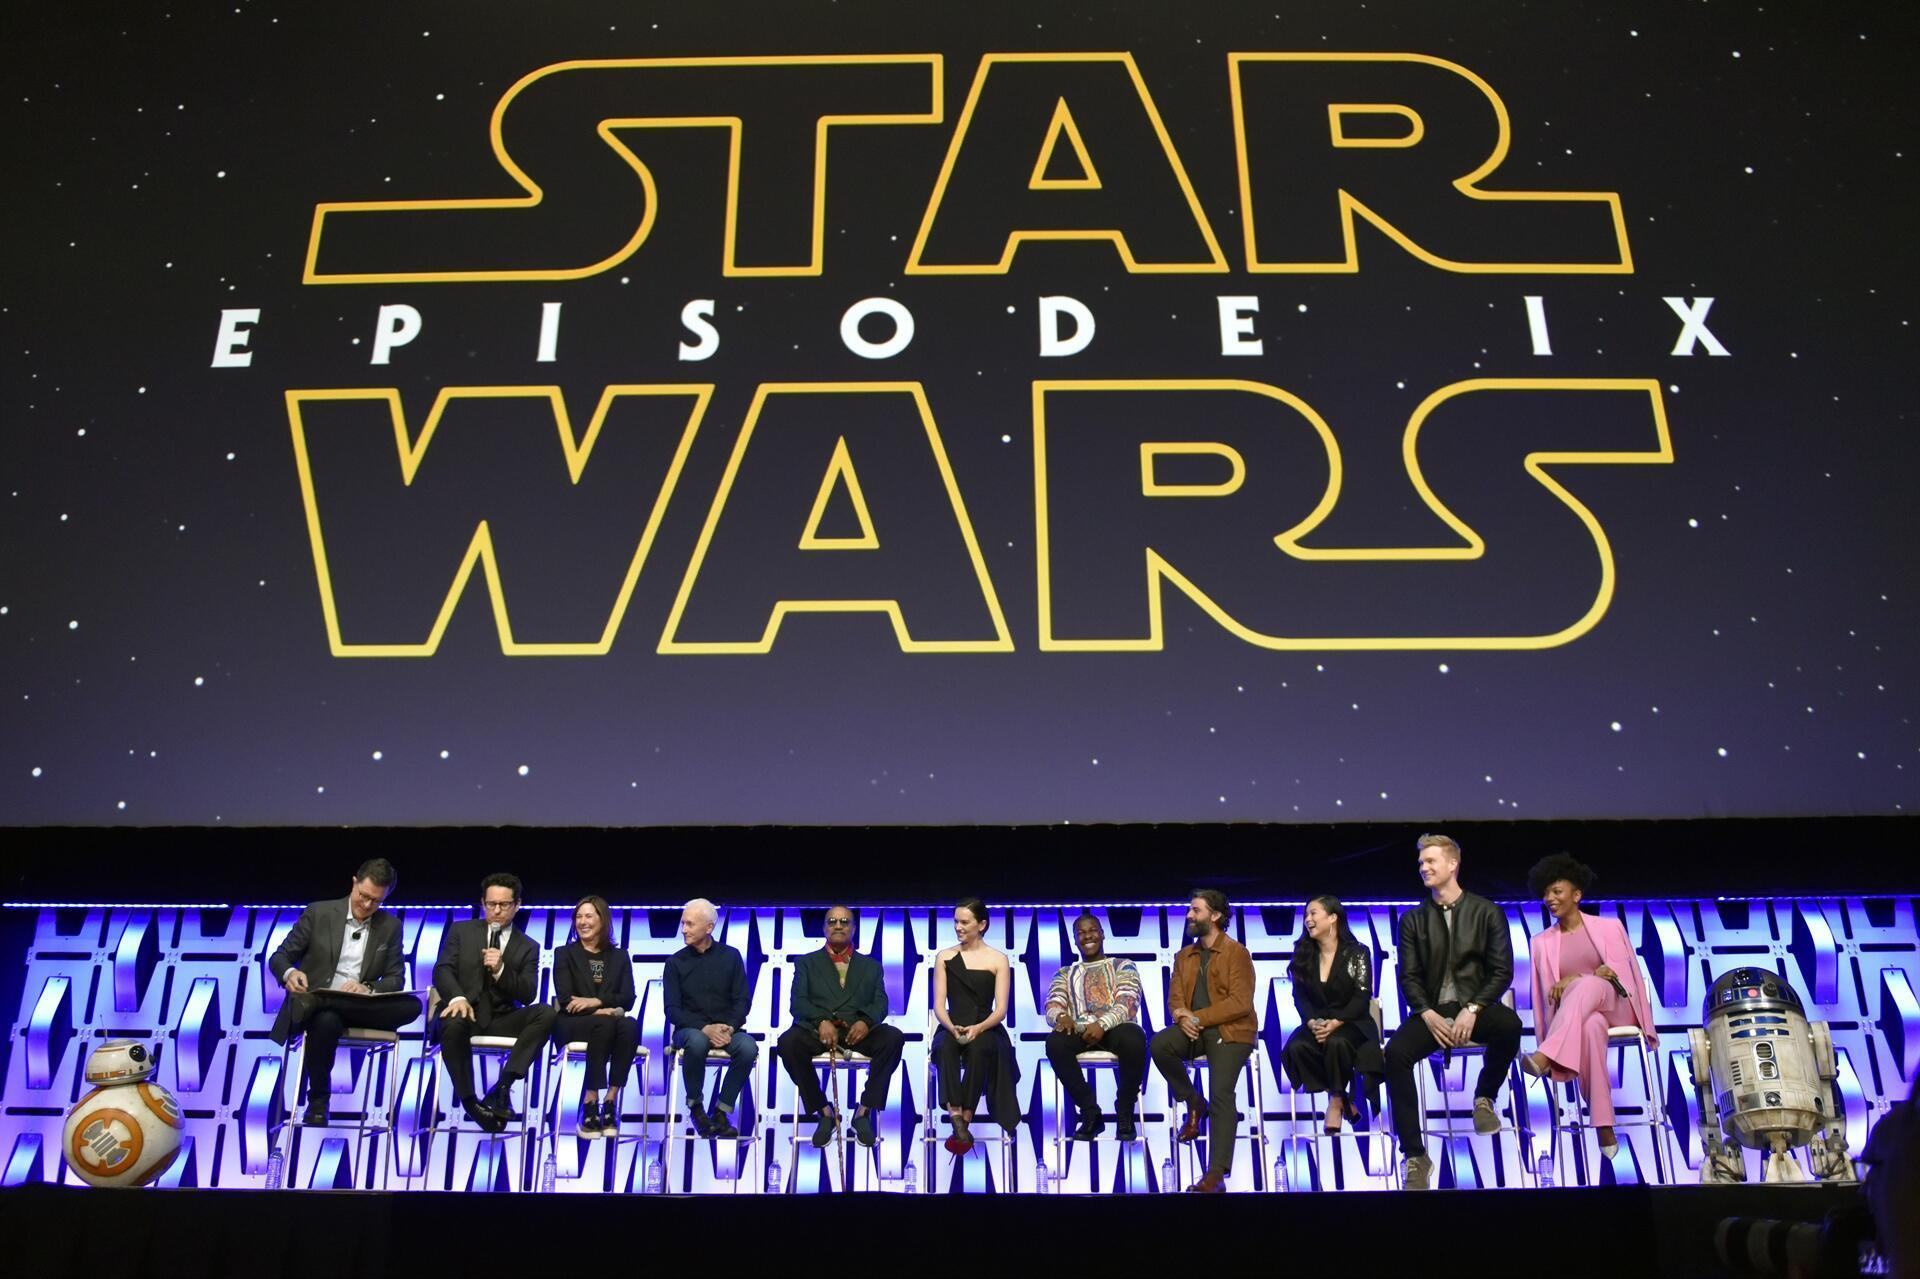 Star Wars Rise Of Skywalker Sees Return Of Emperor Palpatine